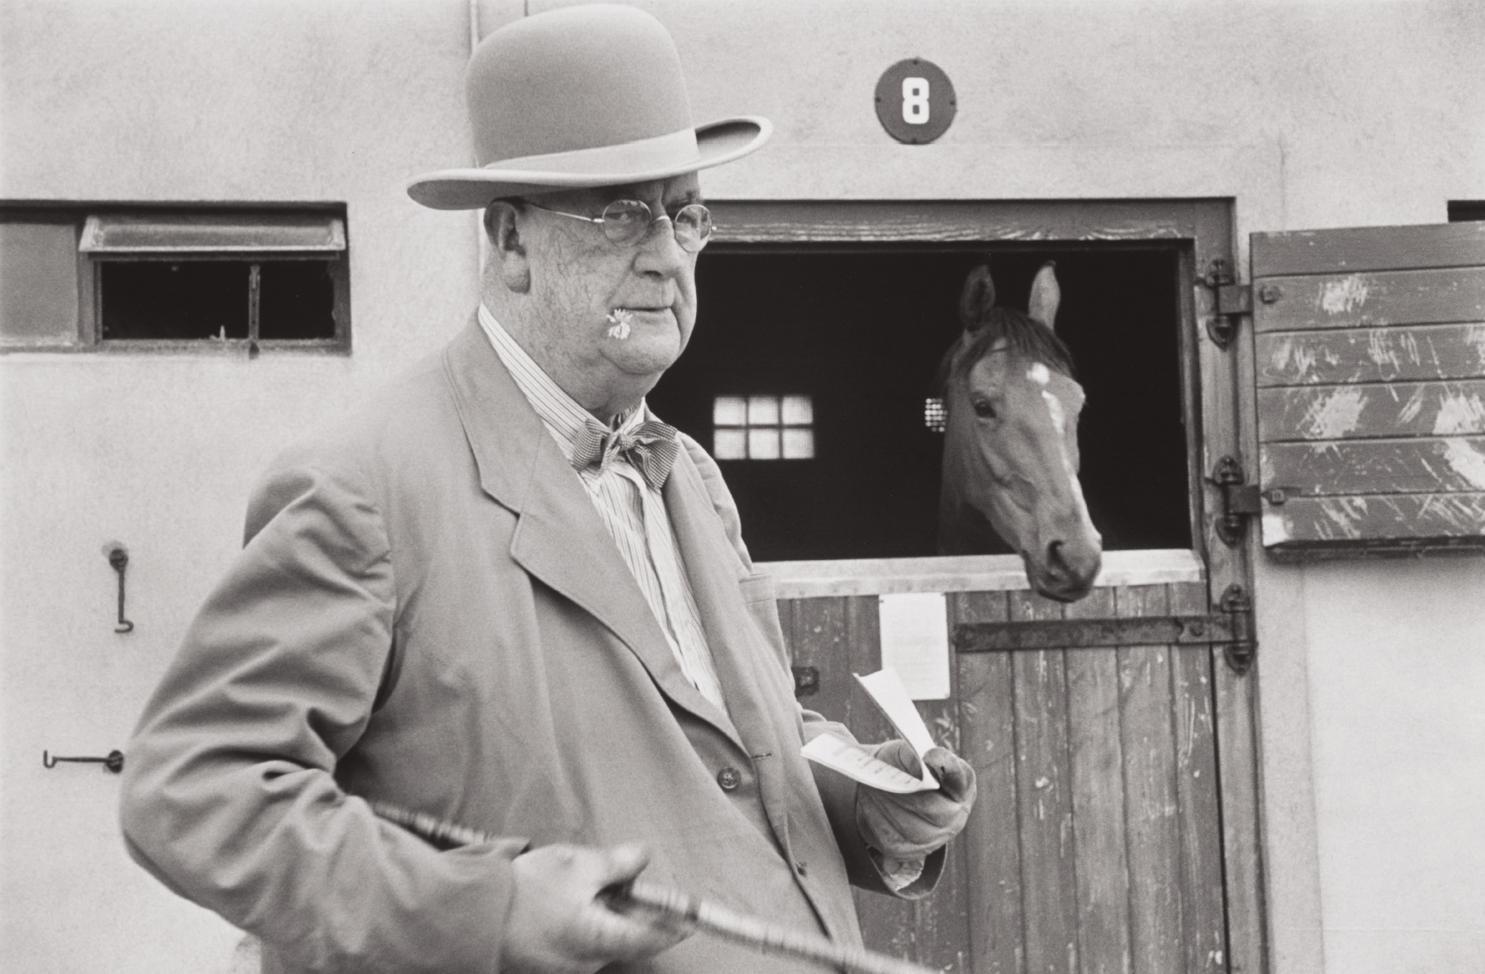 Henri Cartier-Bresson-At The Curragh Racecourse Near Dublin, Ireland-1952